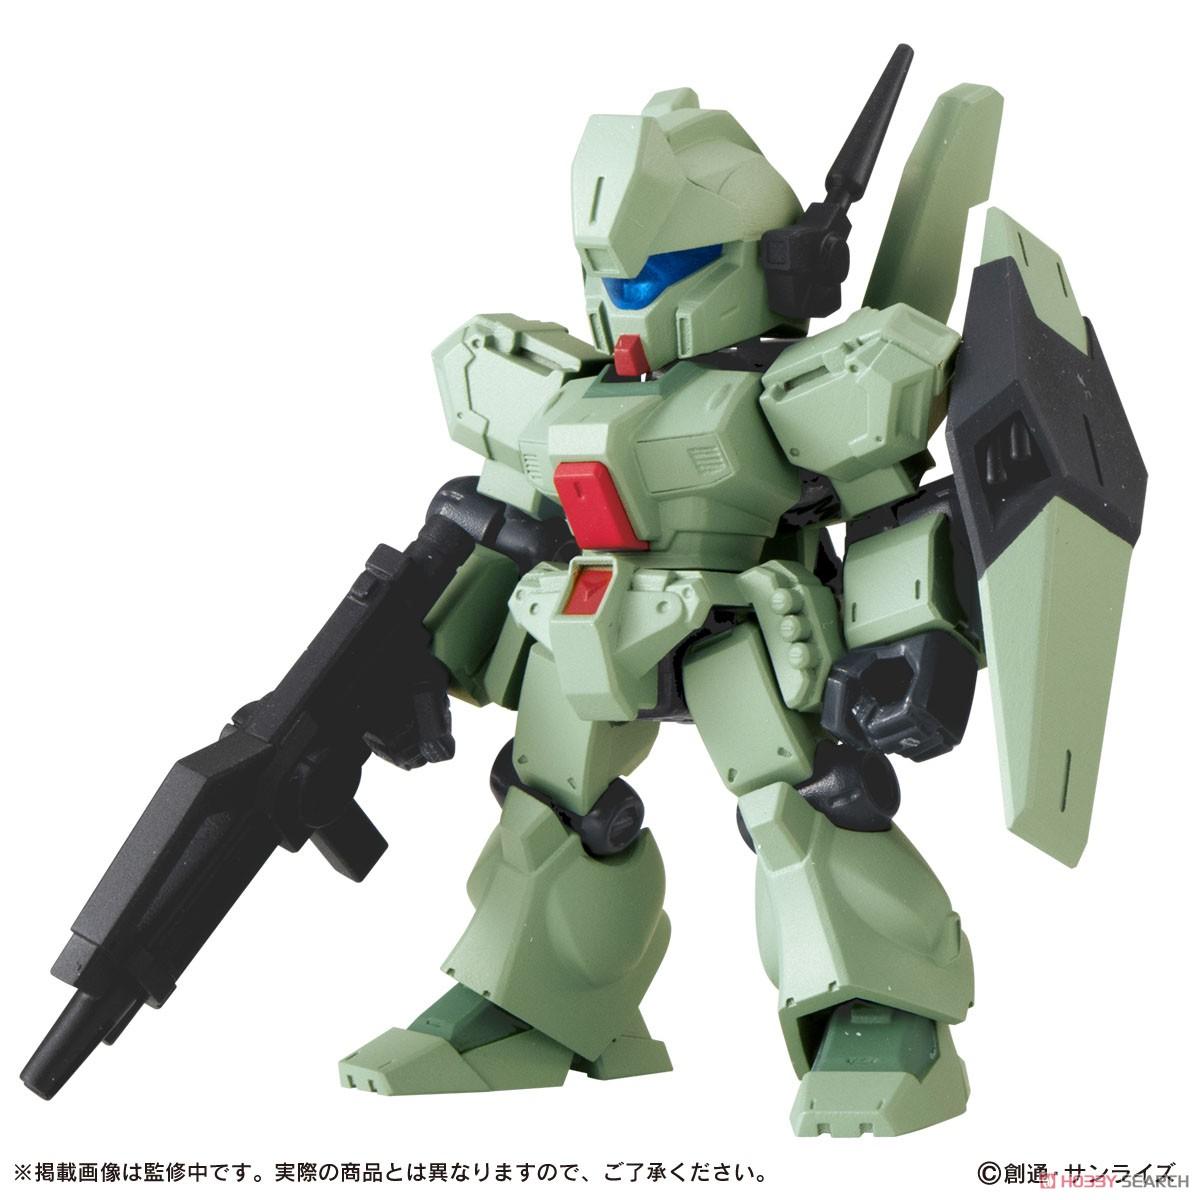 機動戦士ガンダム『MOBILE SUIT ENSEMBLE19』デフォルメ可動フィギュア 10個入りBOX-004